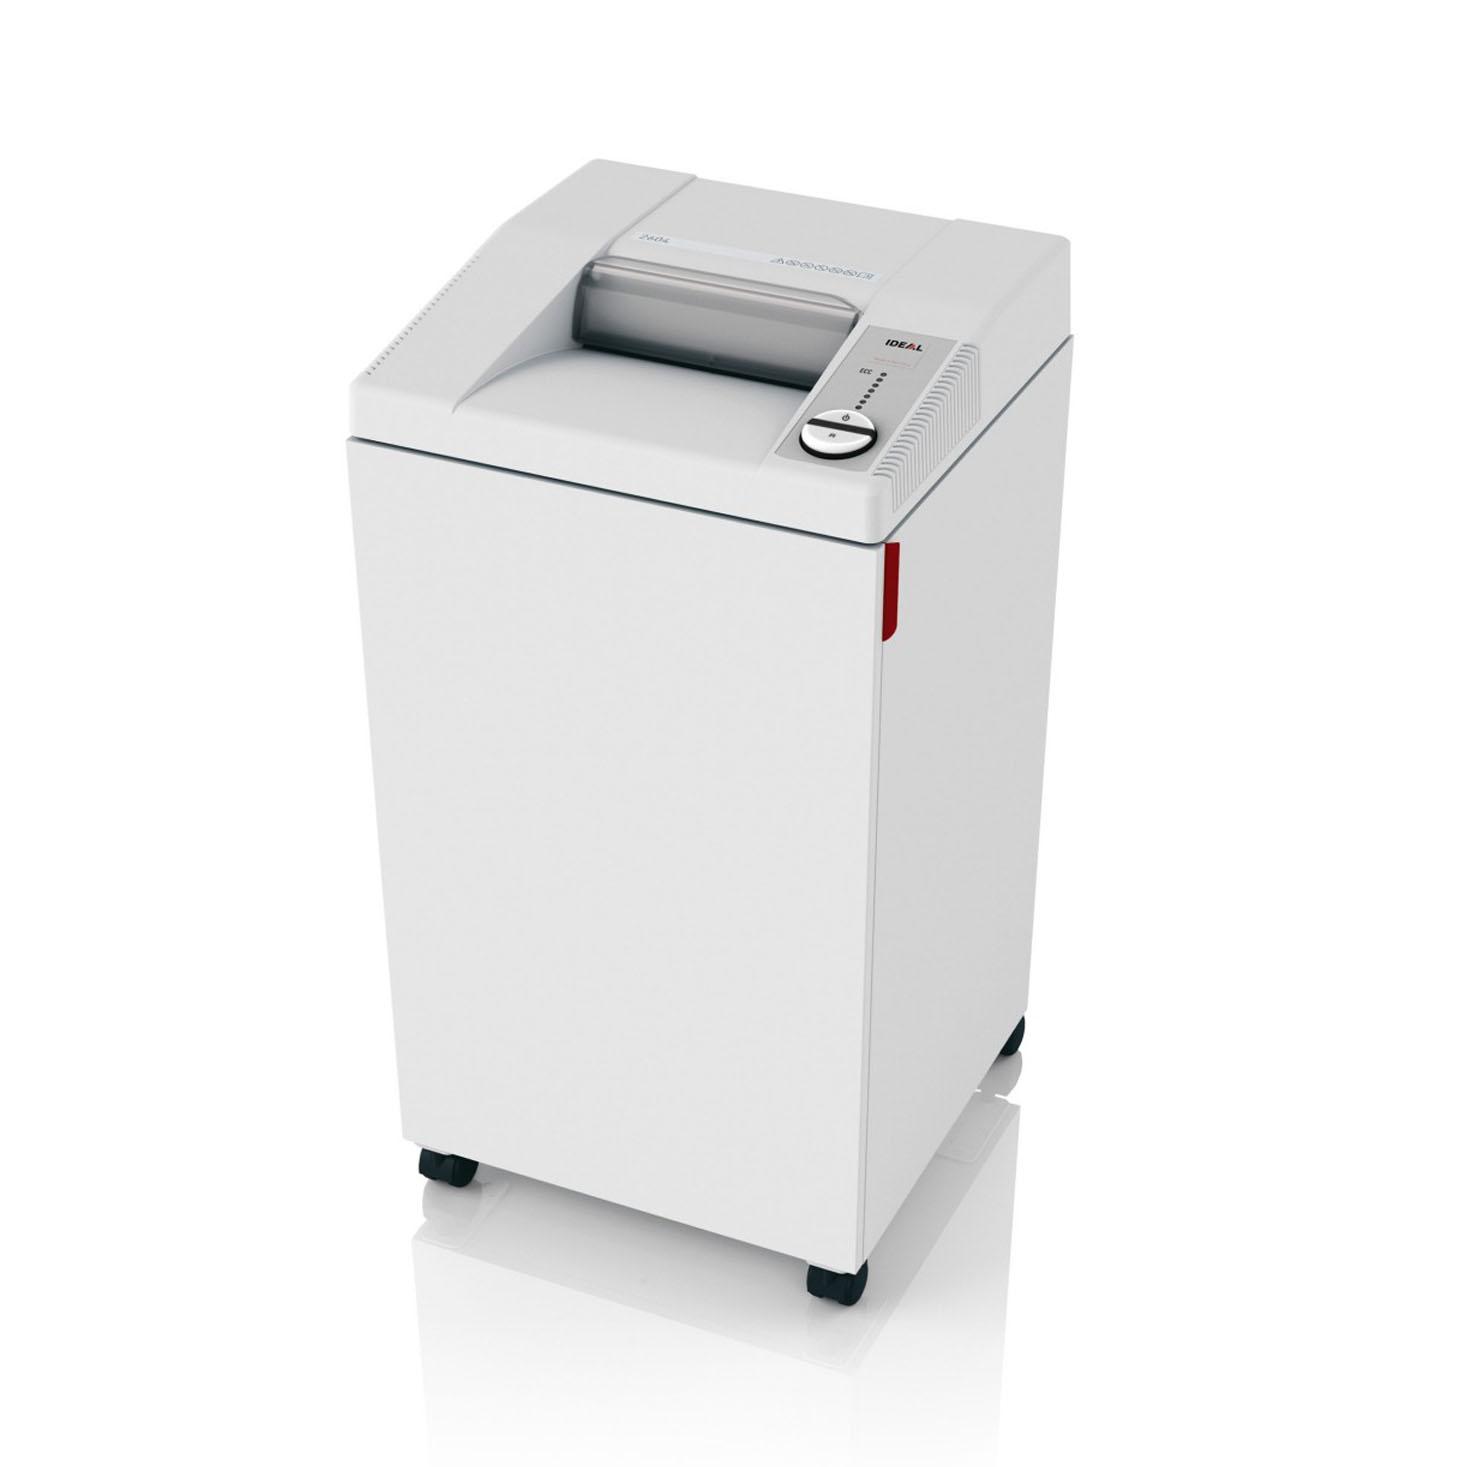 Niszczarka biznes premium - IDEAL 2604 MC / 0,8 x 12 mm